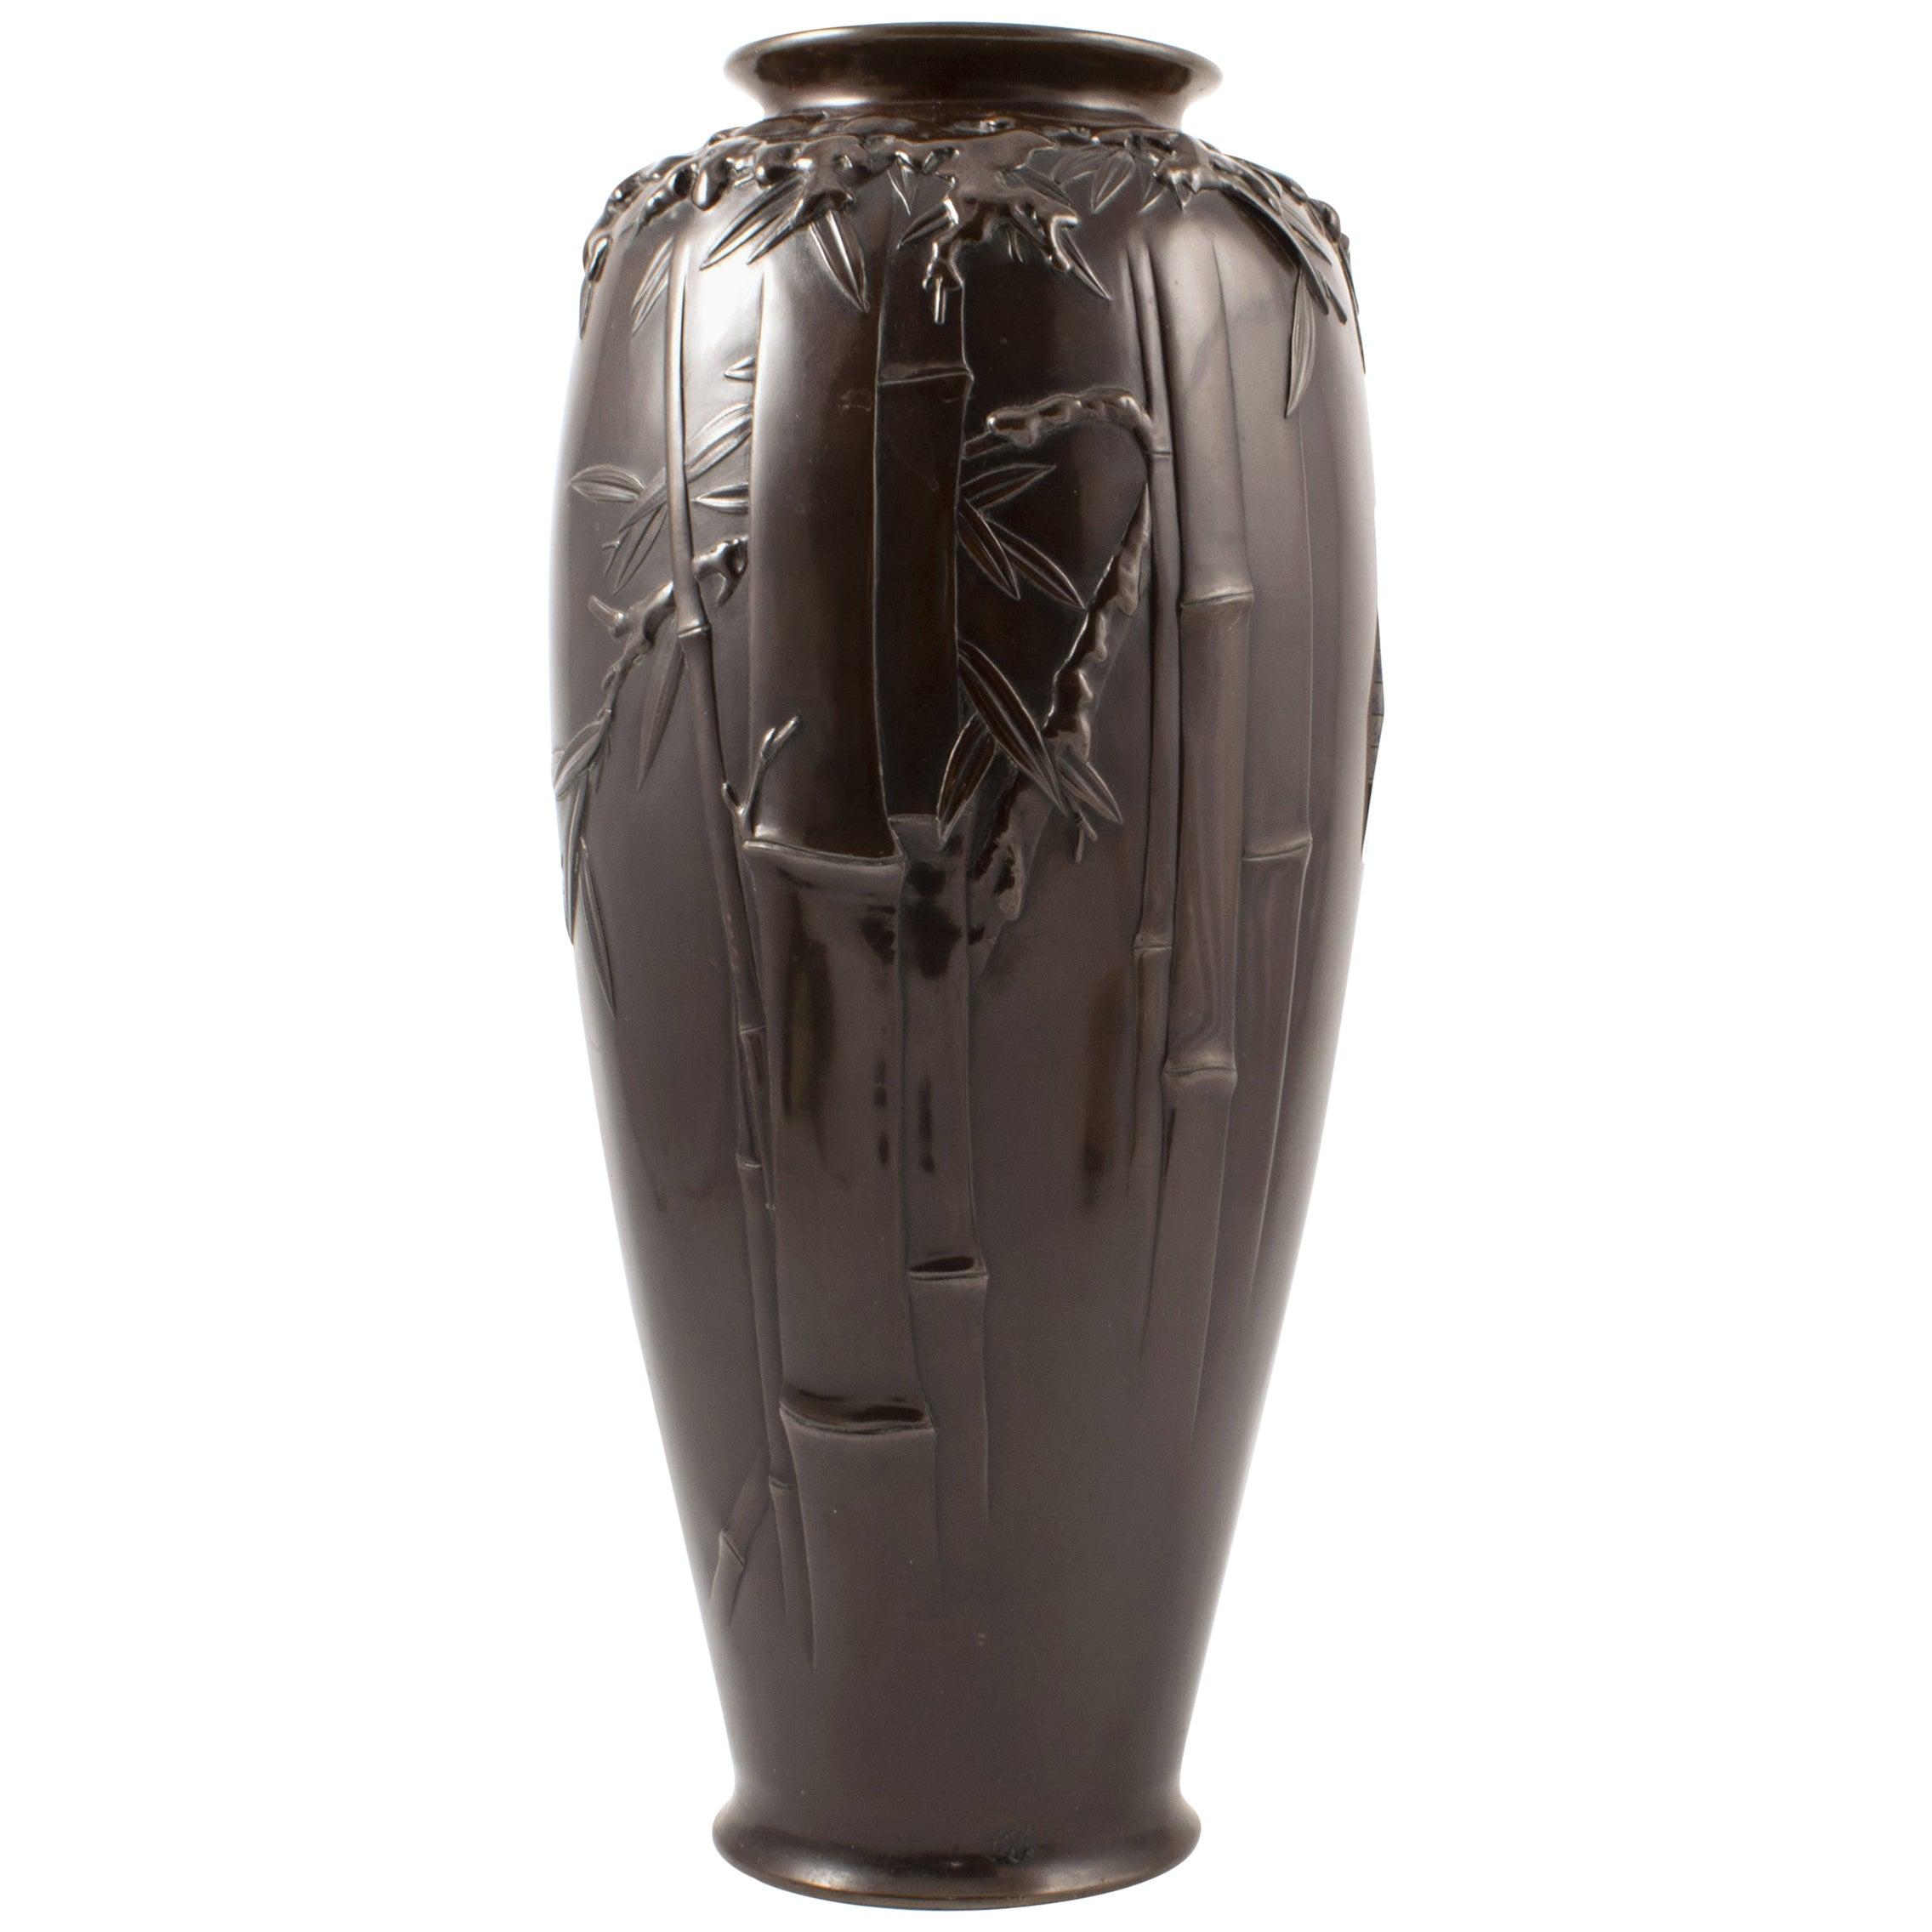 Japanese Meiji Period Dark Patinated Bronze Vase